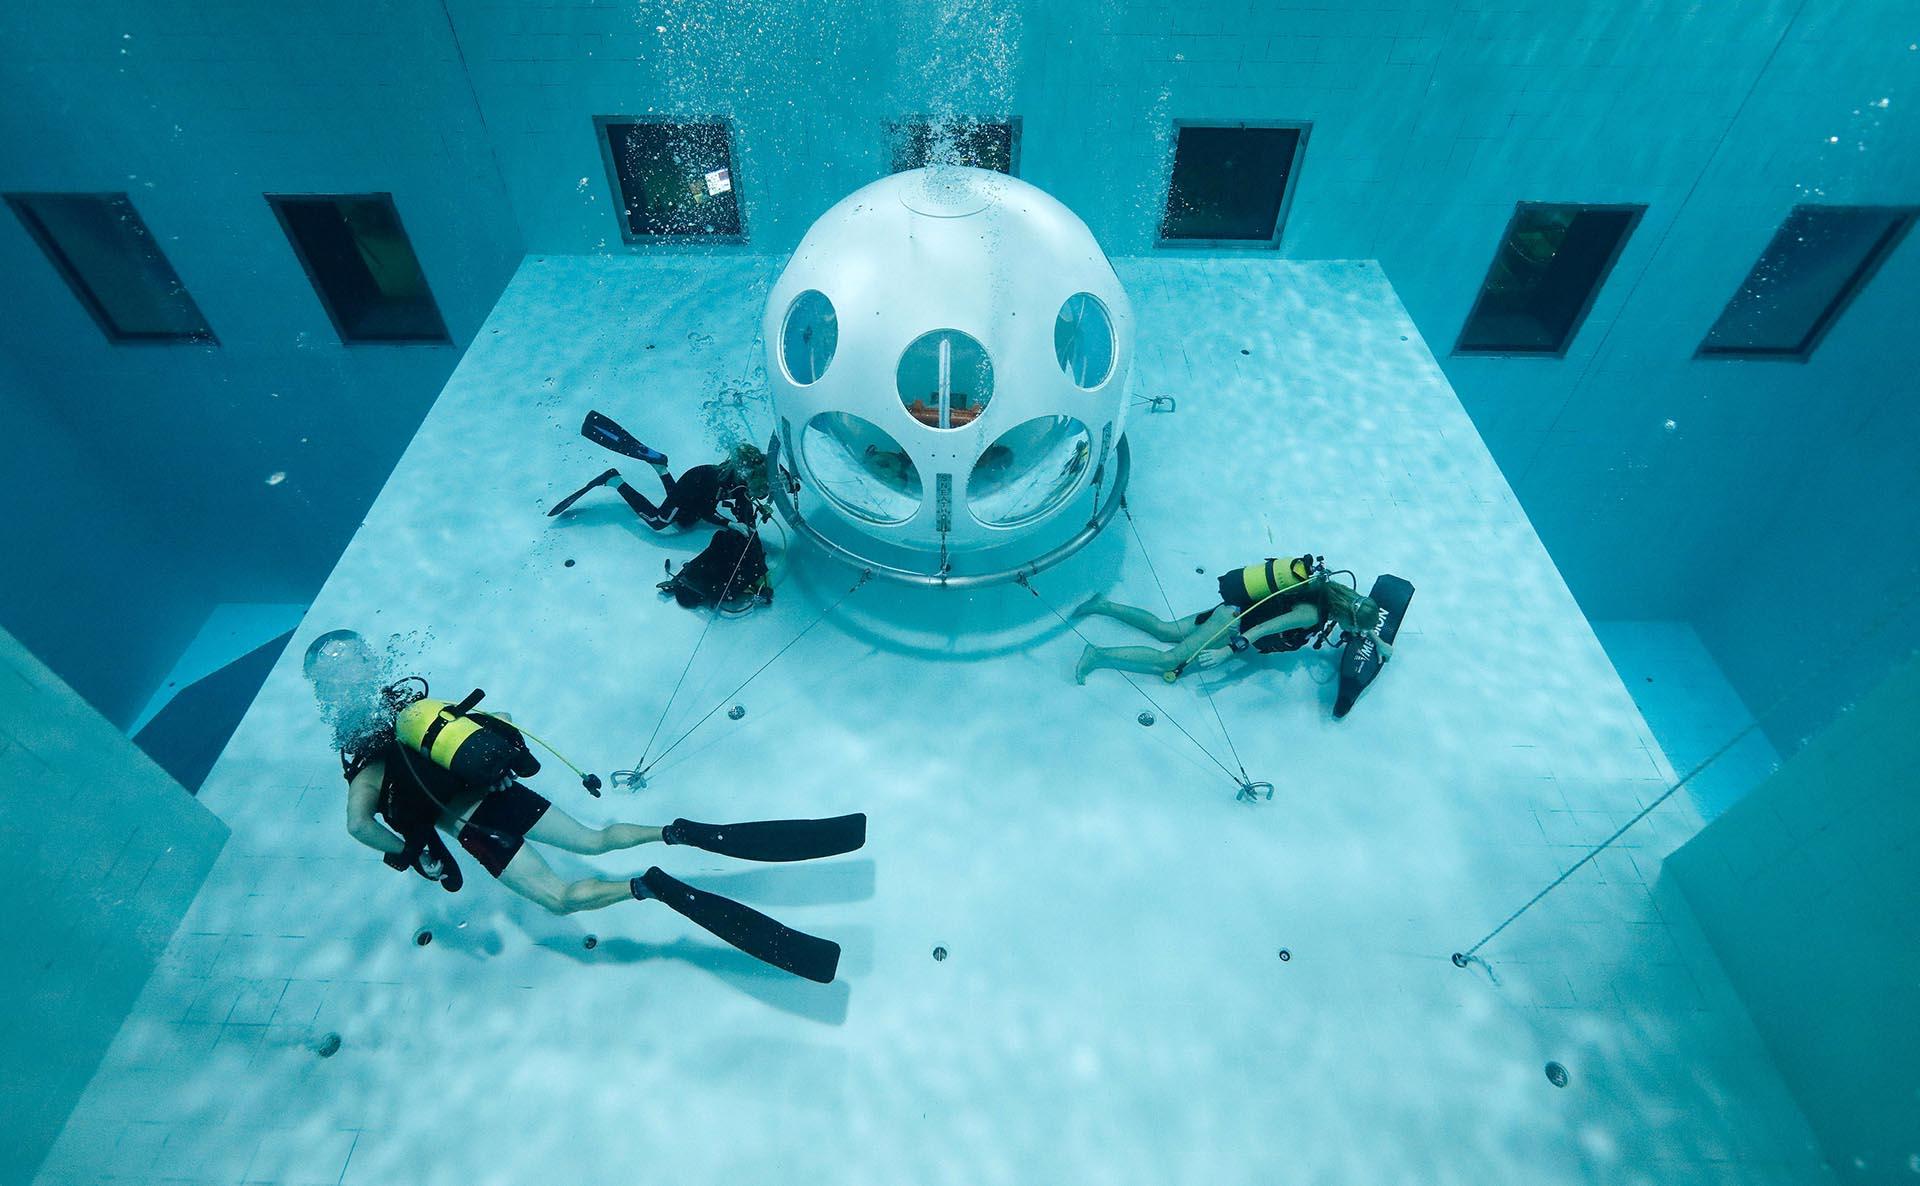 El centro de buceo se creó para entrenar a quienes lo practican, pero ahora encontró una veta diferente a su negocio (Reuters)